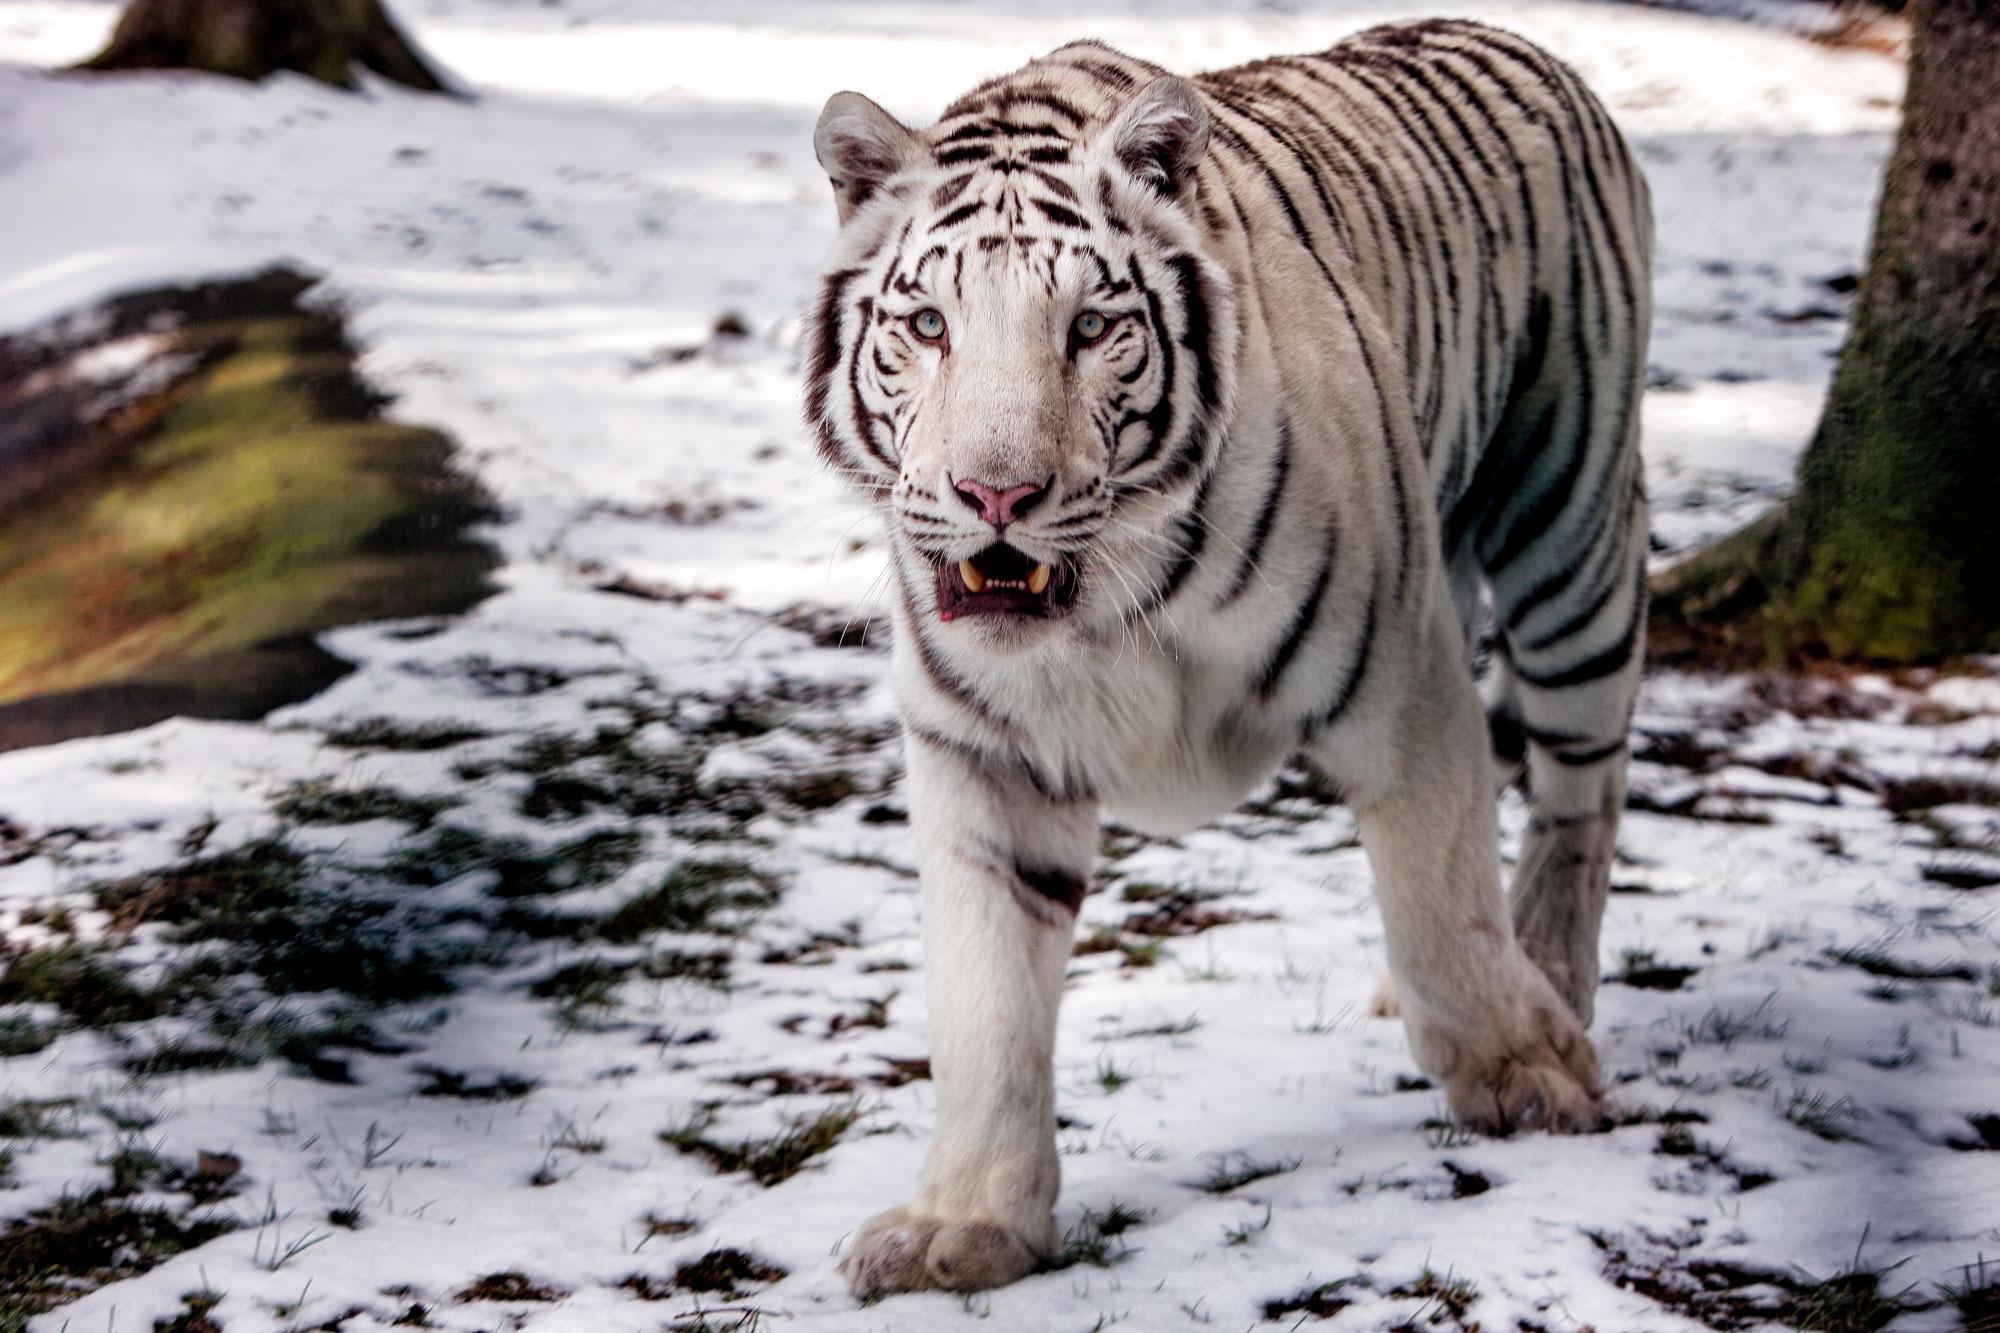 Ein enormer finanzieller und zeitlicher Aufwand ist betrieben worden, um die von der Redaktion gewünschten Wildlife-Fotos zu realisieren.